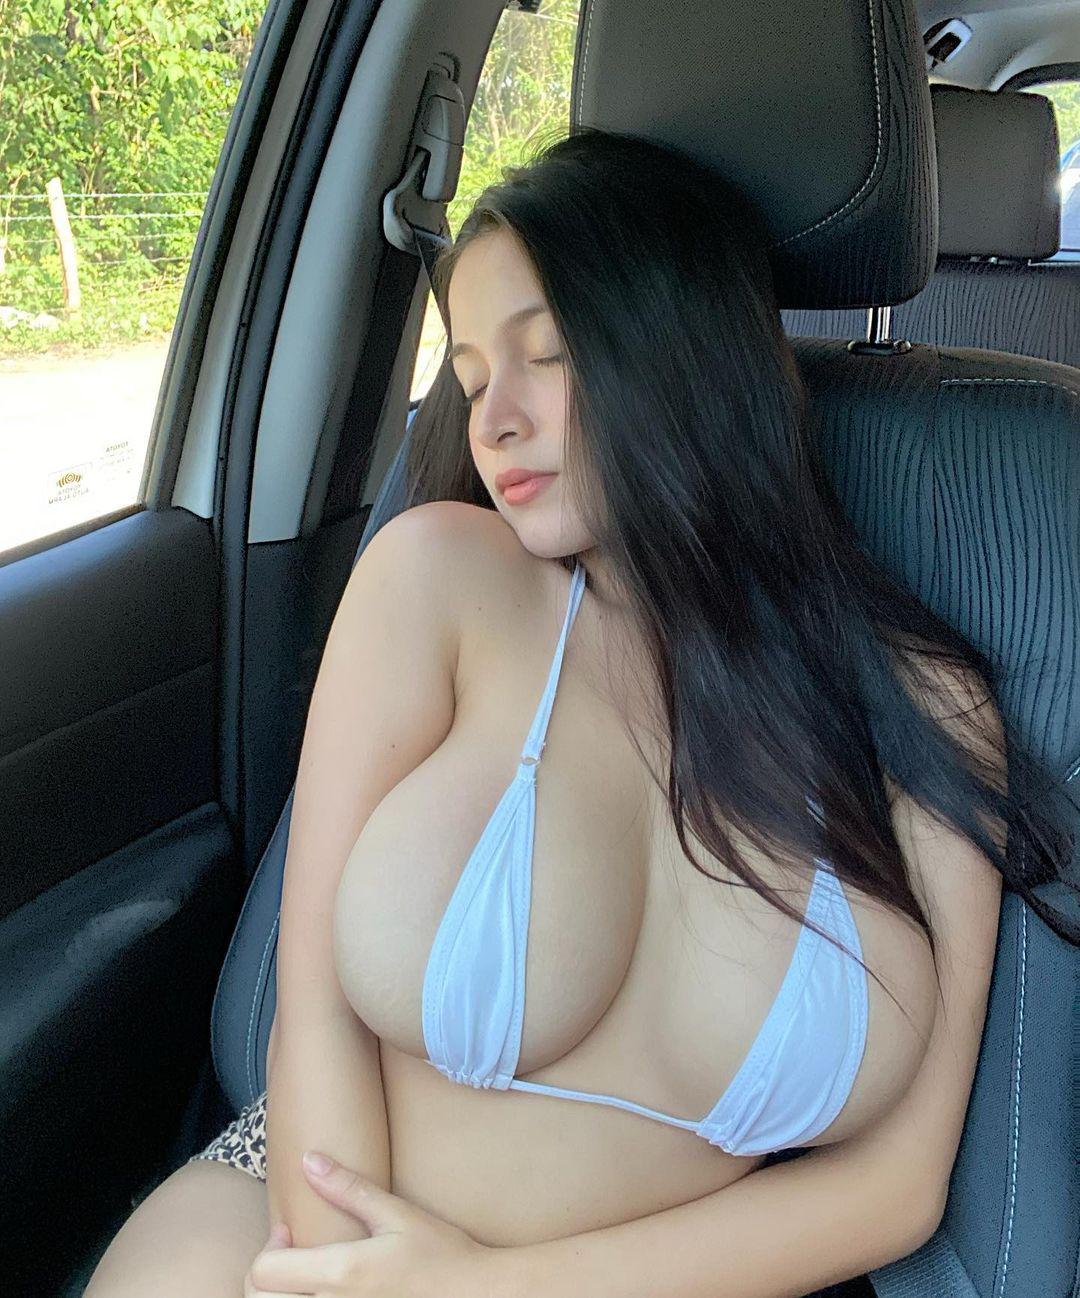 パンドラ・カーキ「フィリピン美乳の最高峰!」エッチすぎるドライブのお誘い?【画像3枚】の画像001